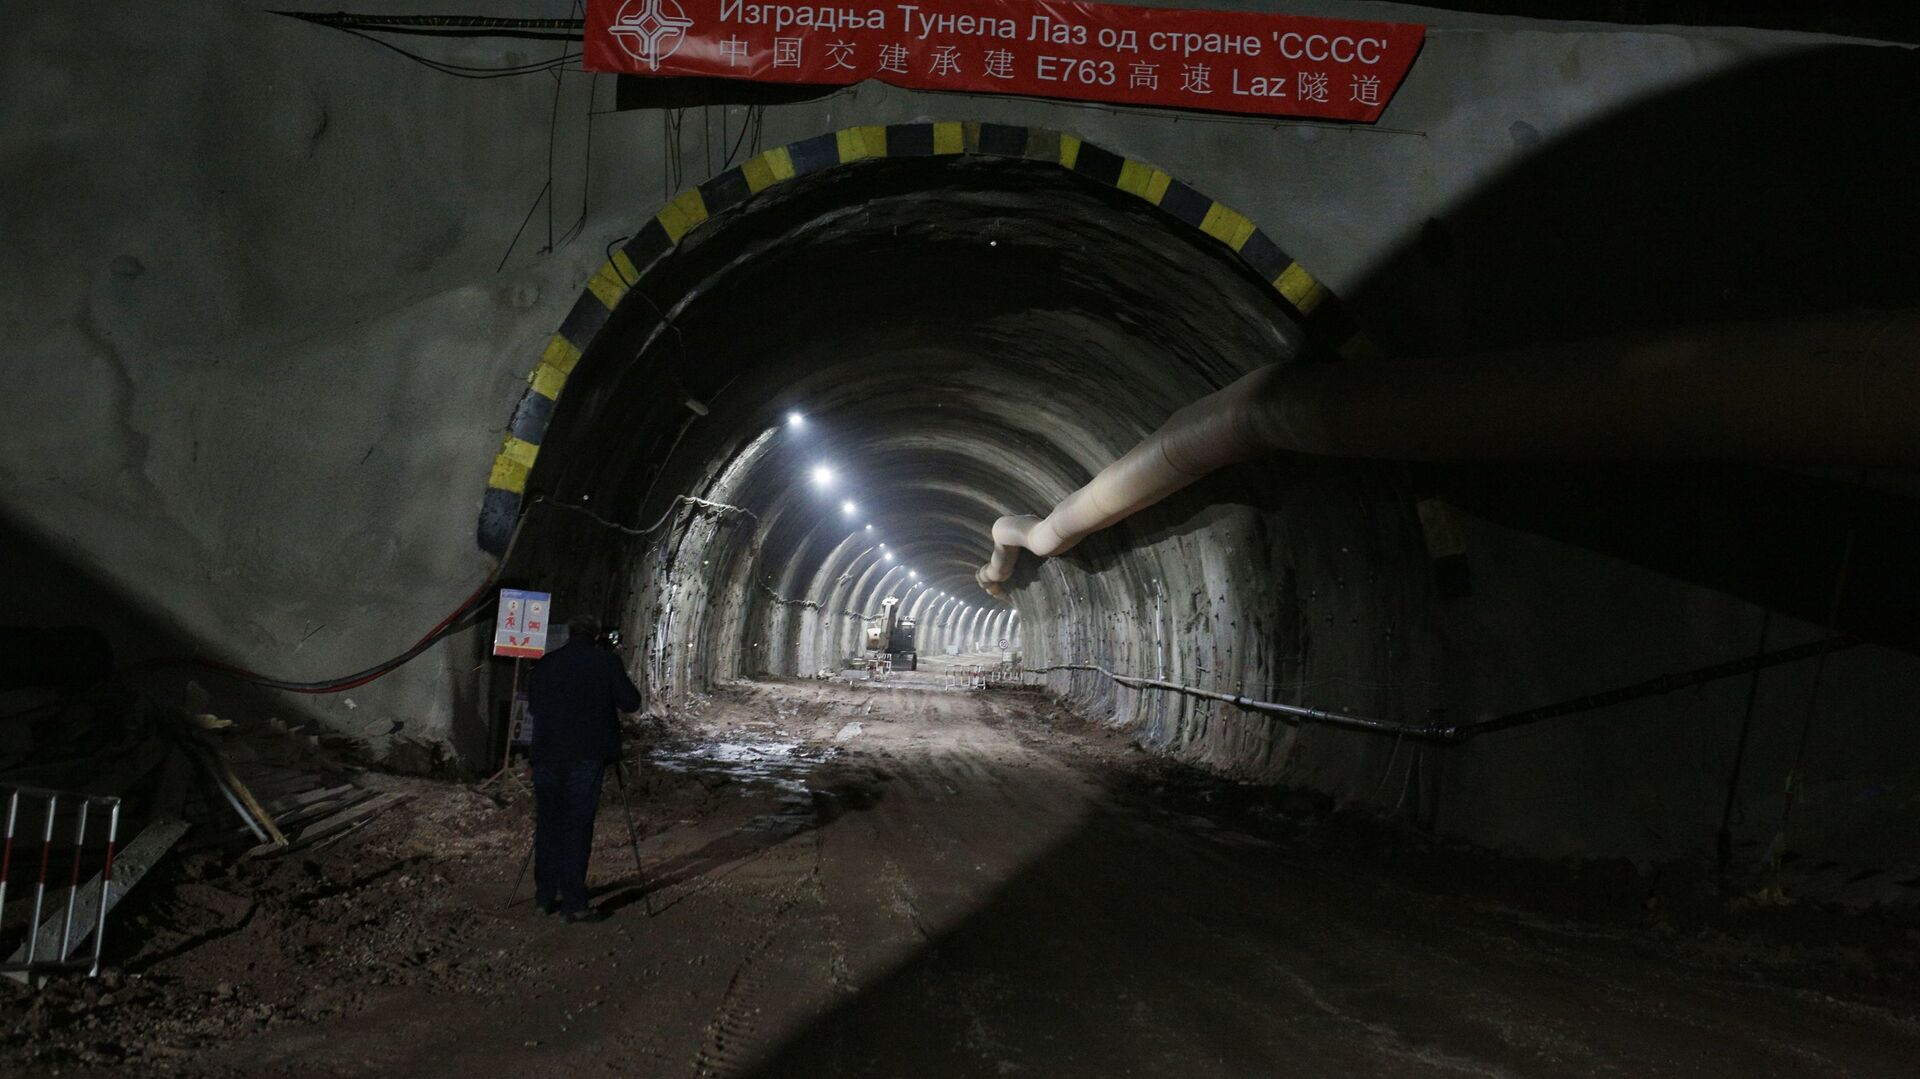 Tunel na deonici auto-puta Miloš Veliki od Čačka do Požege. - Sputnik Srbija, 1920, 22.09.2021